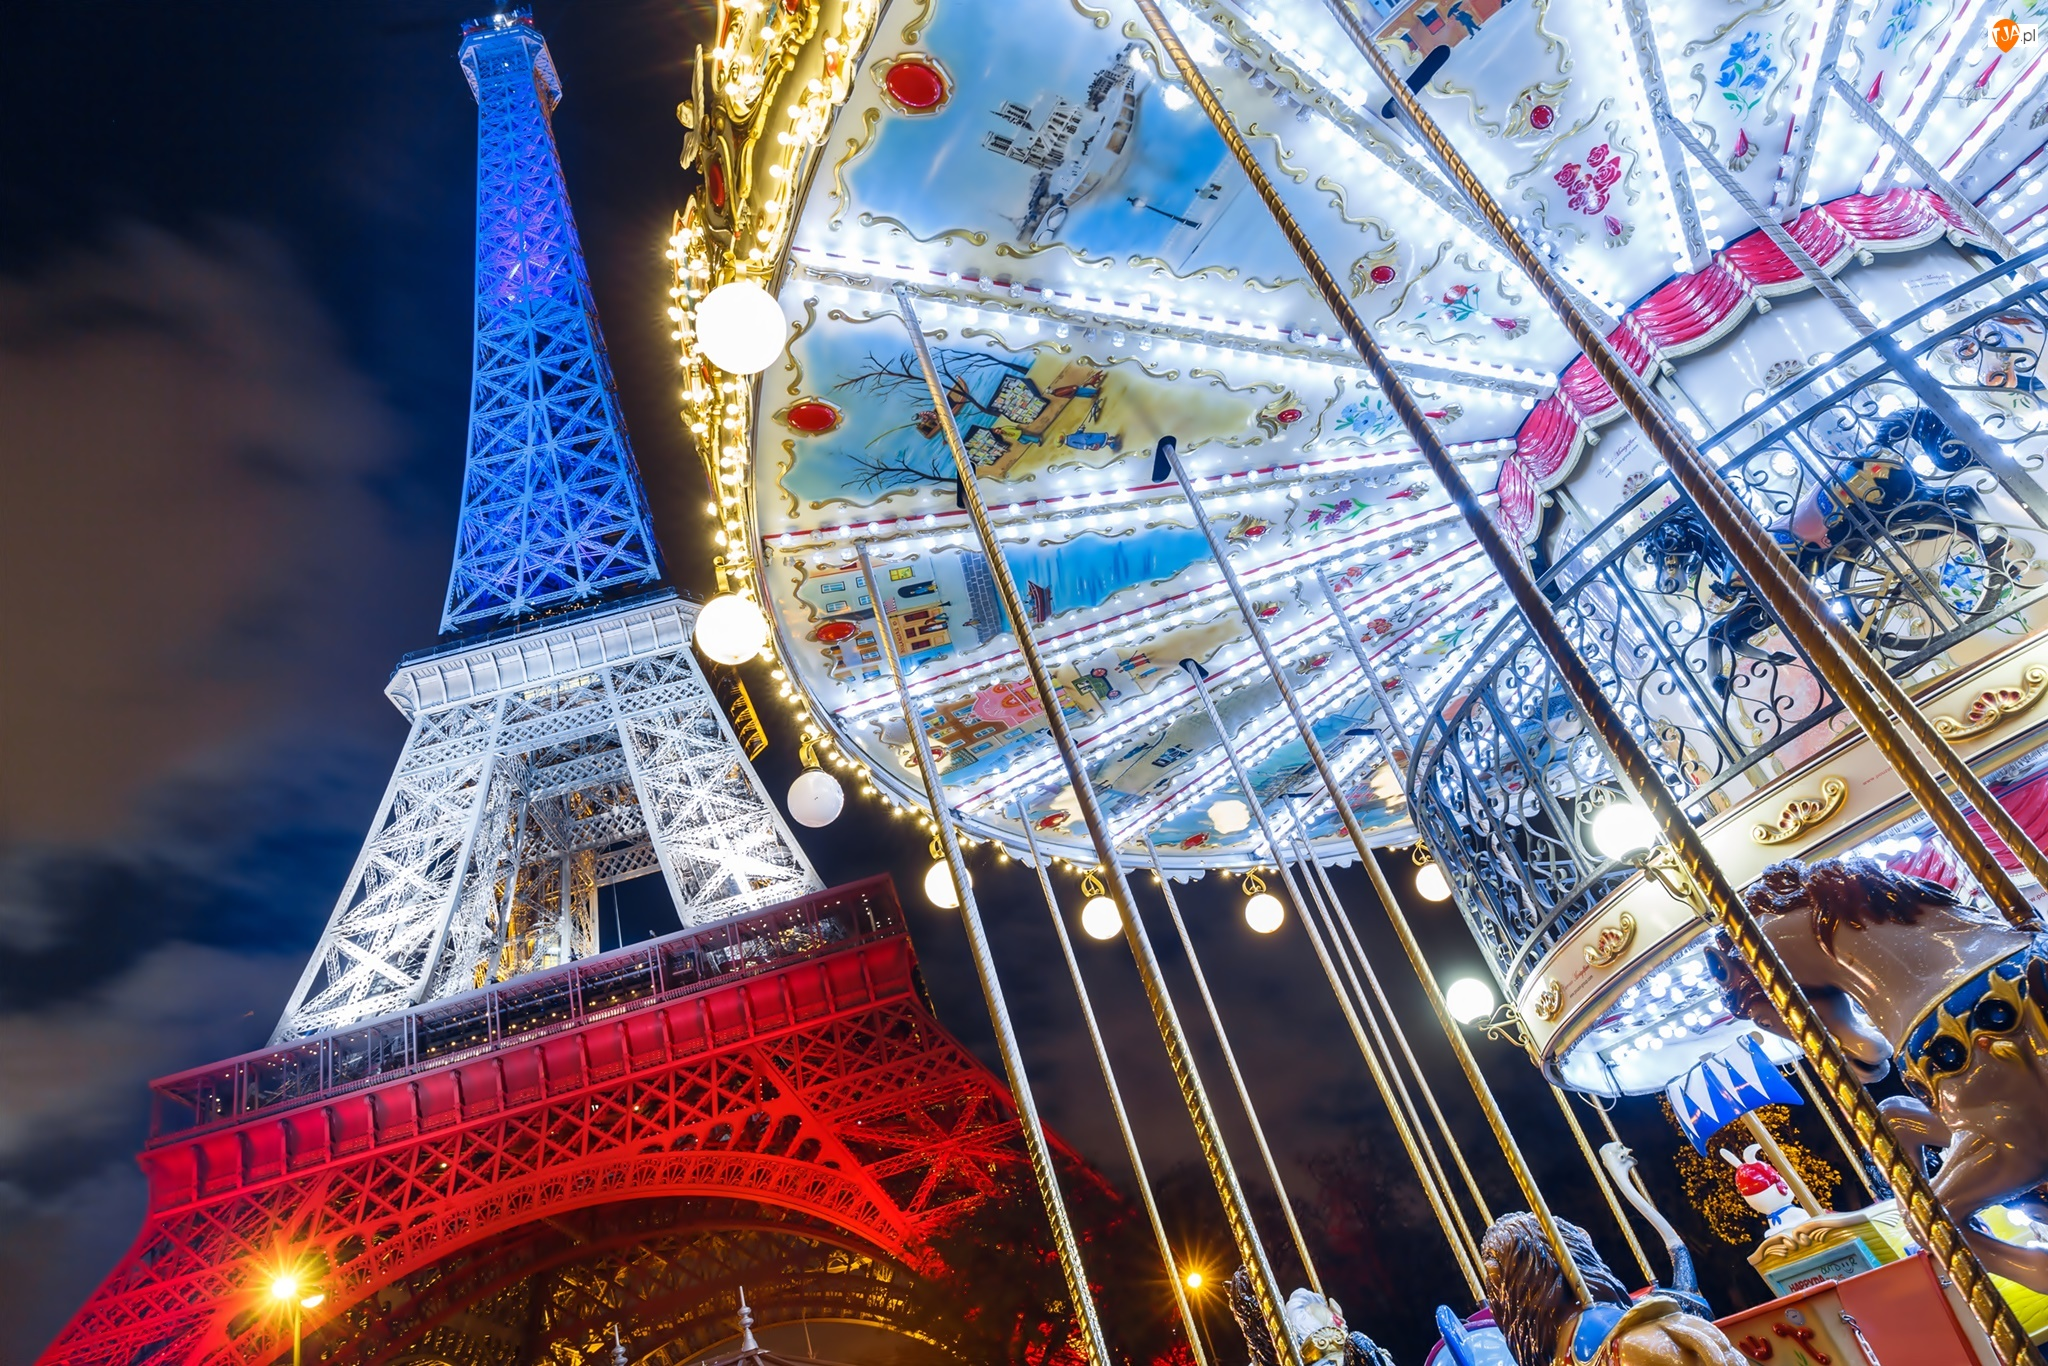 Wieża Eiffla, Francja, Wesołe miasteczko, Paryż, Karuzela